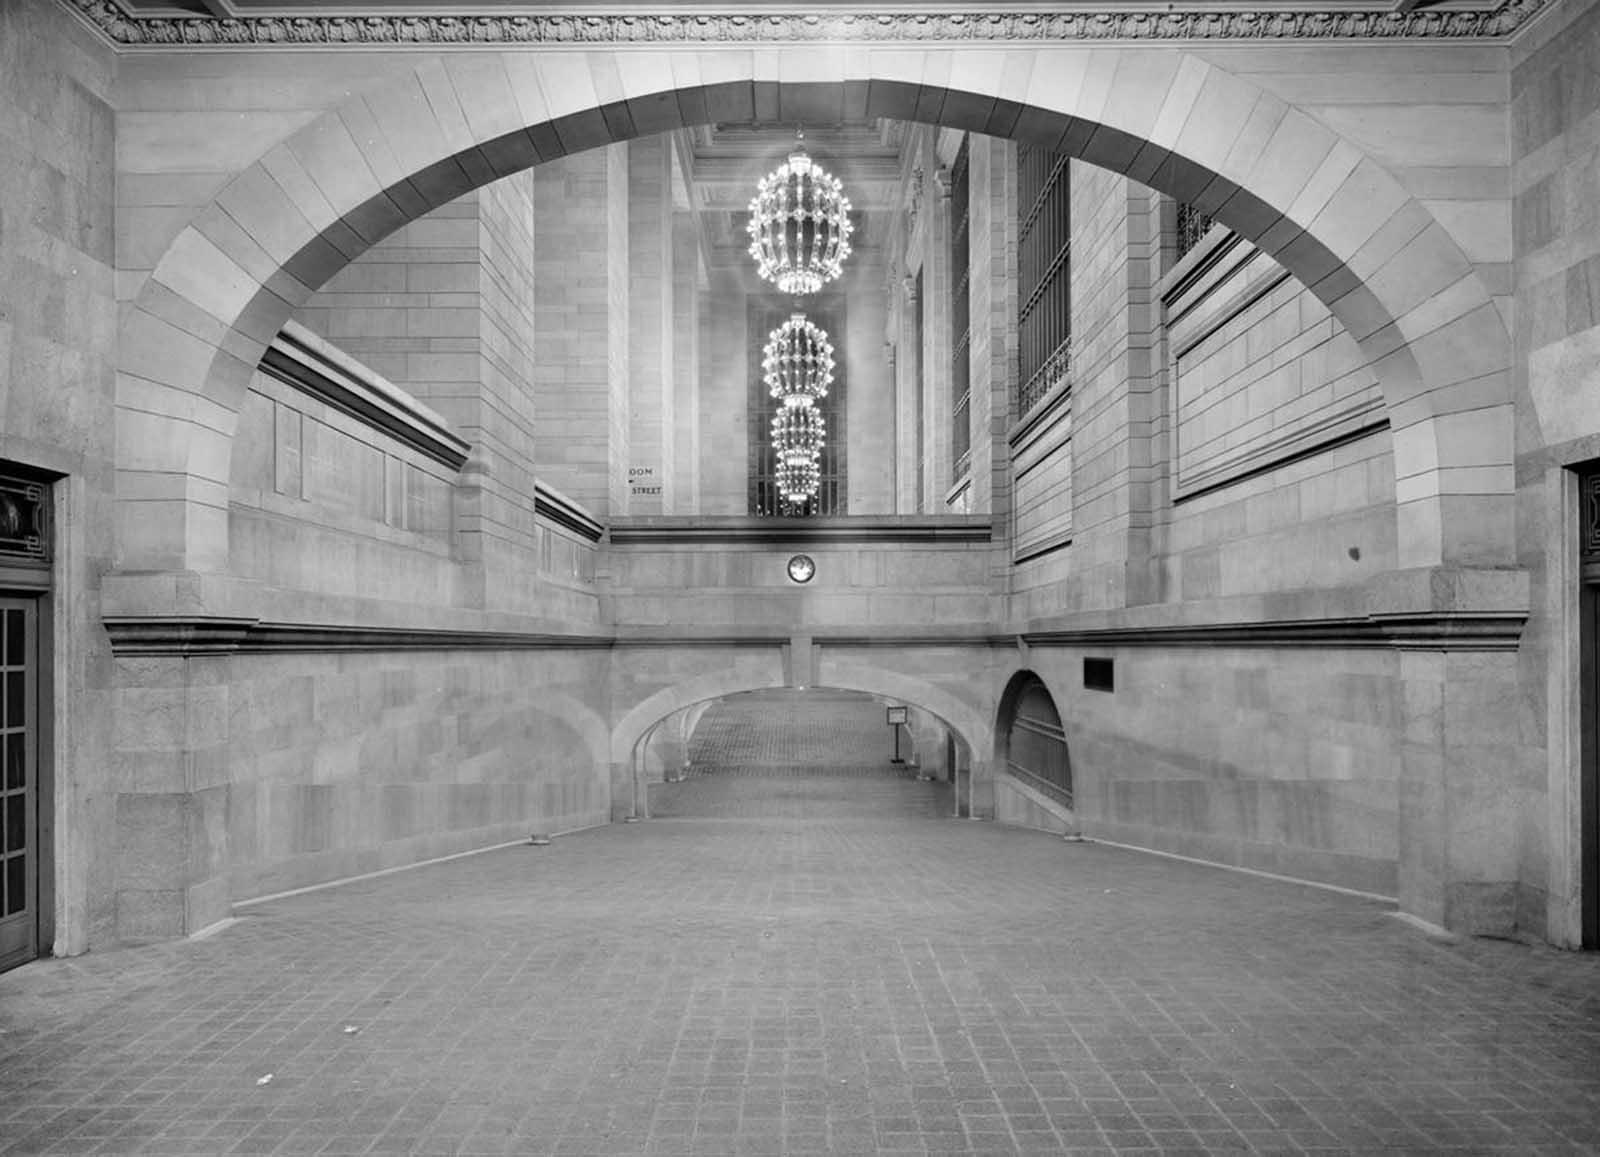 Inclinación desde el metro hasta el vestíbulo suburbano, Grand Central Terminal, Nueva York, ca 1912.